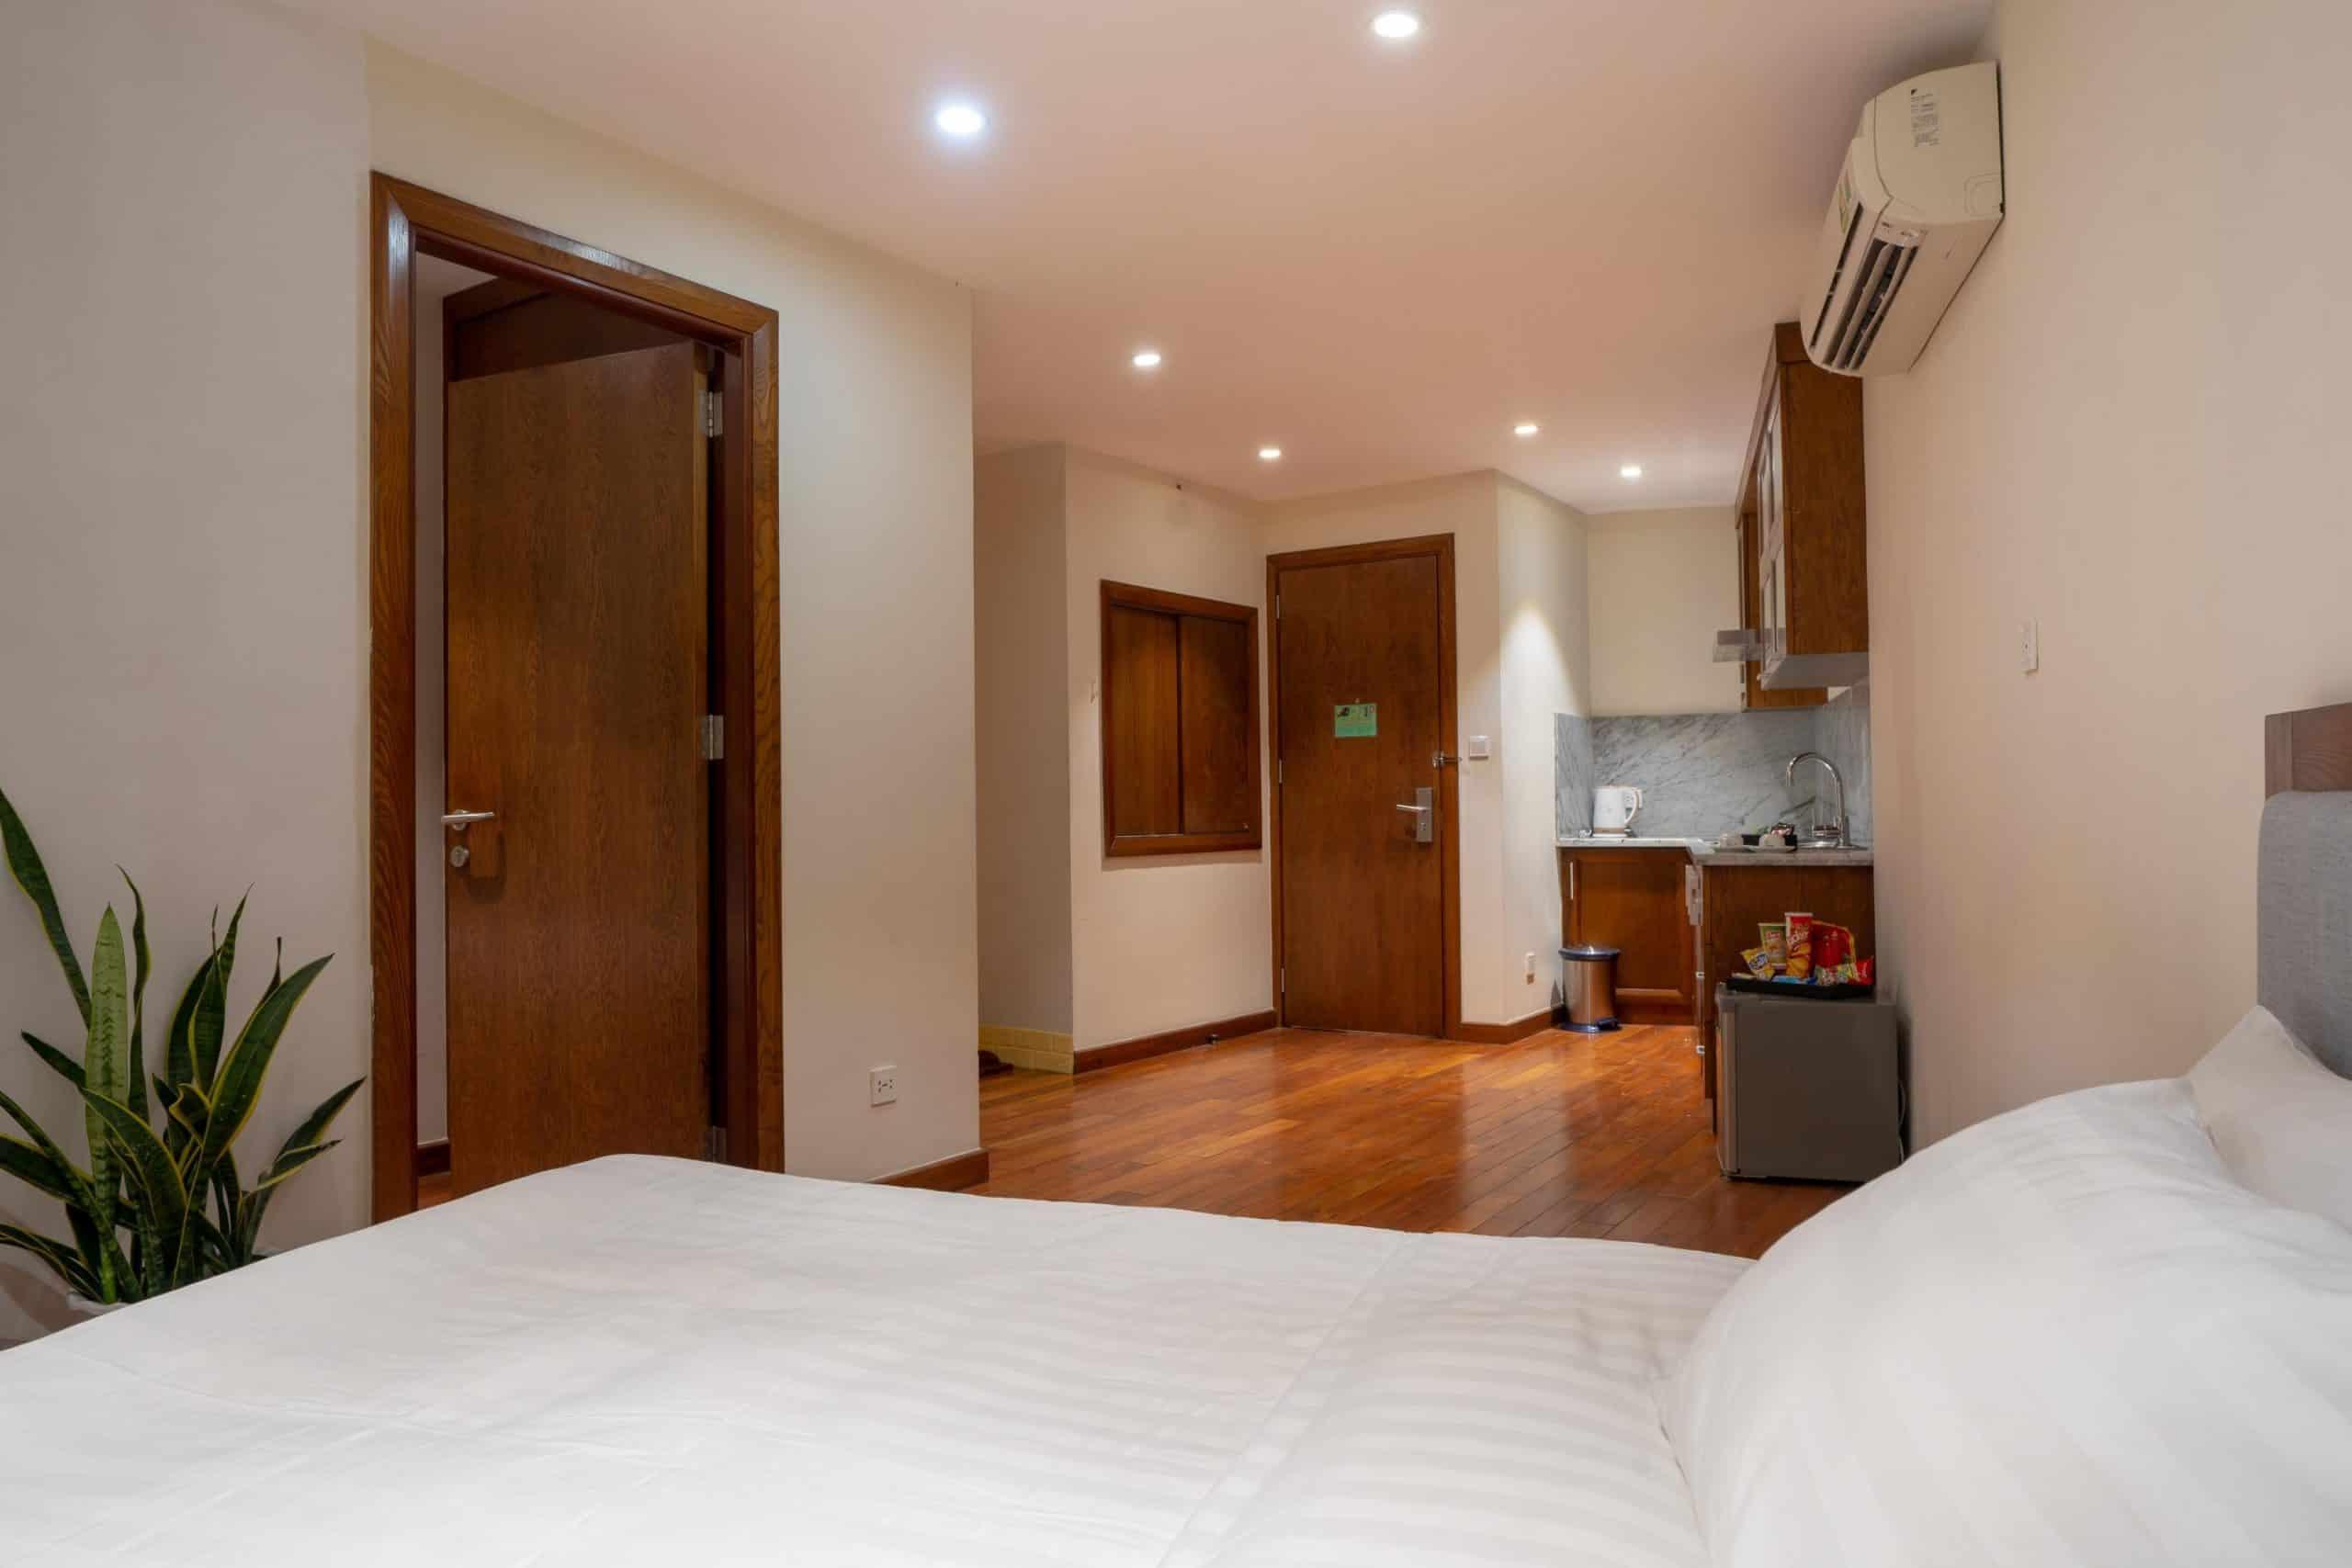 Không gian tiện nghi đầy đủ nội thất của phòng